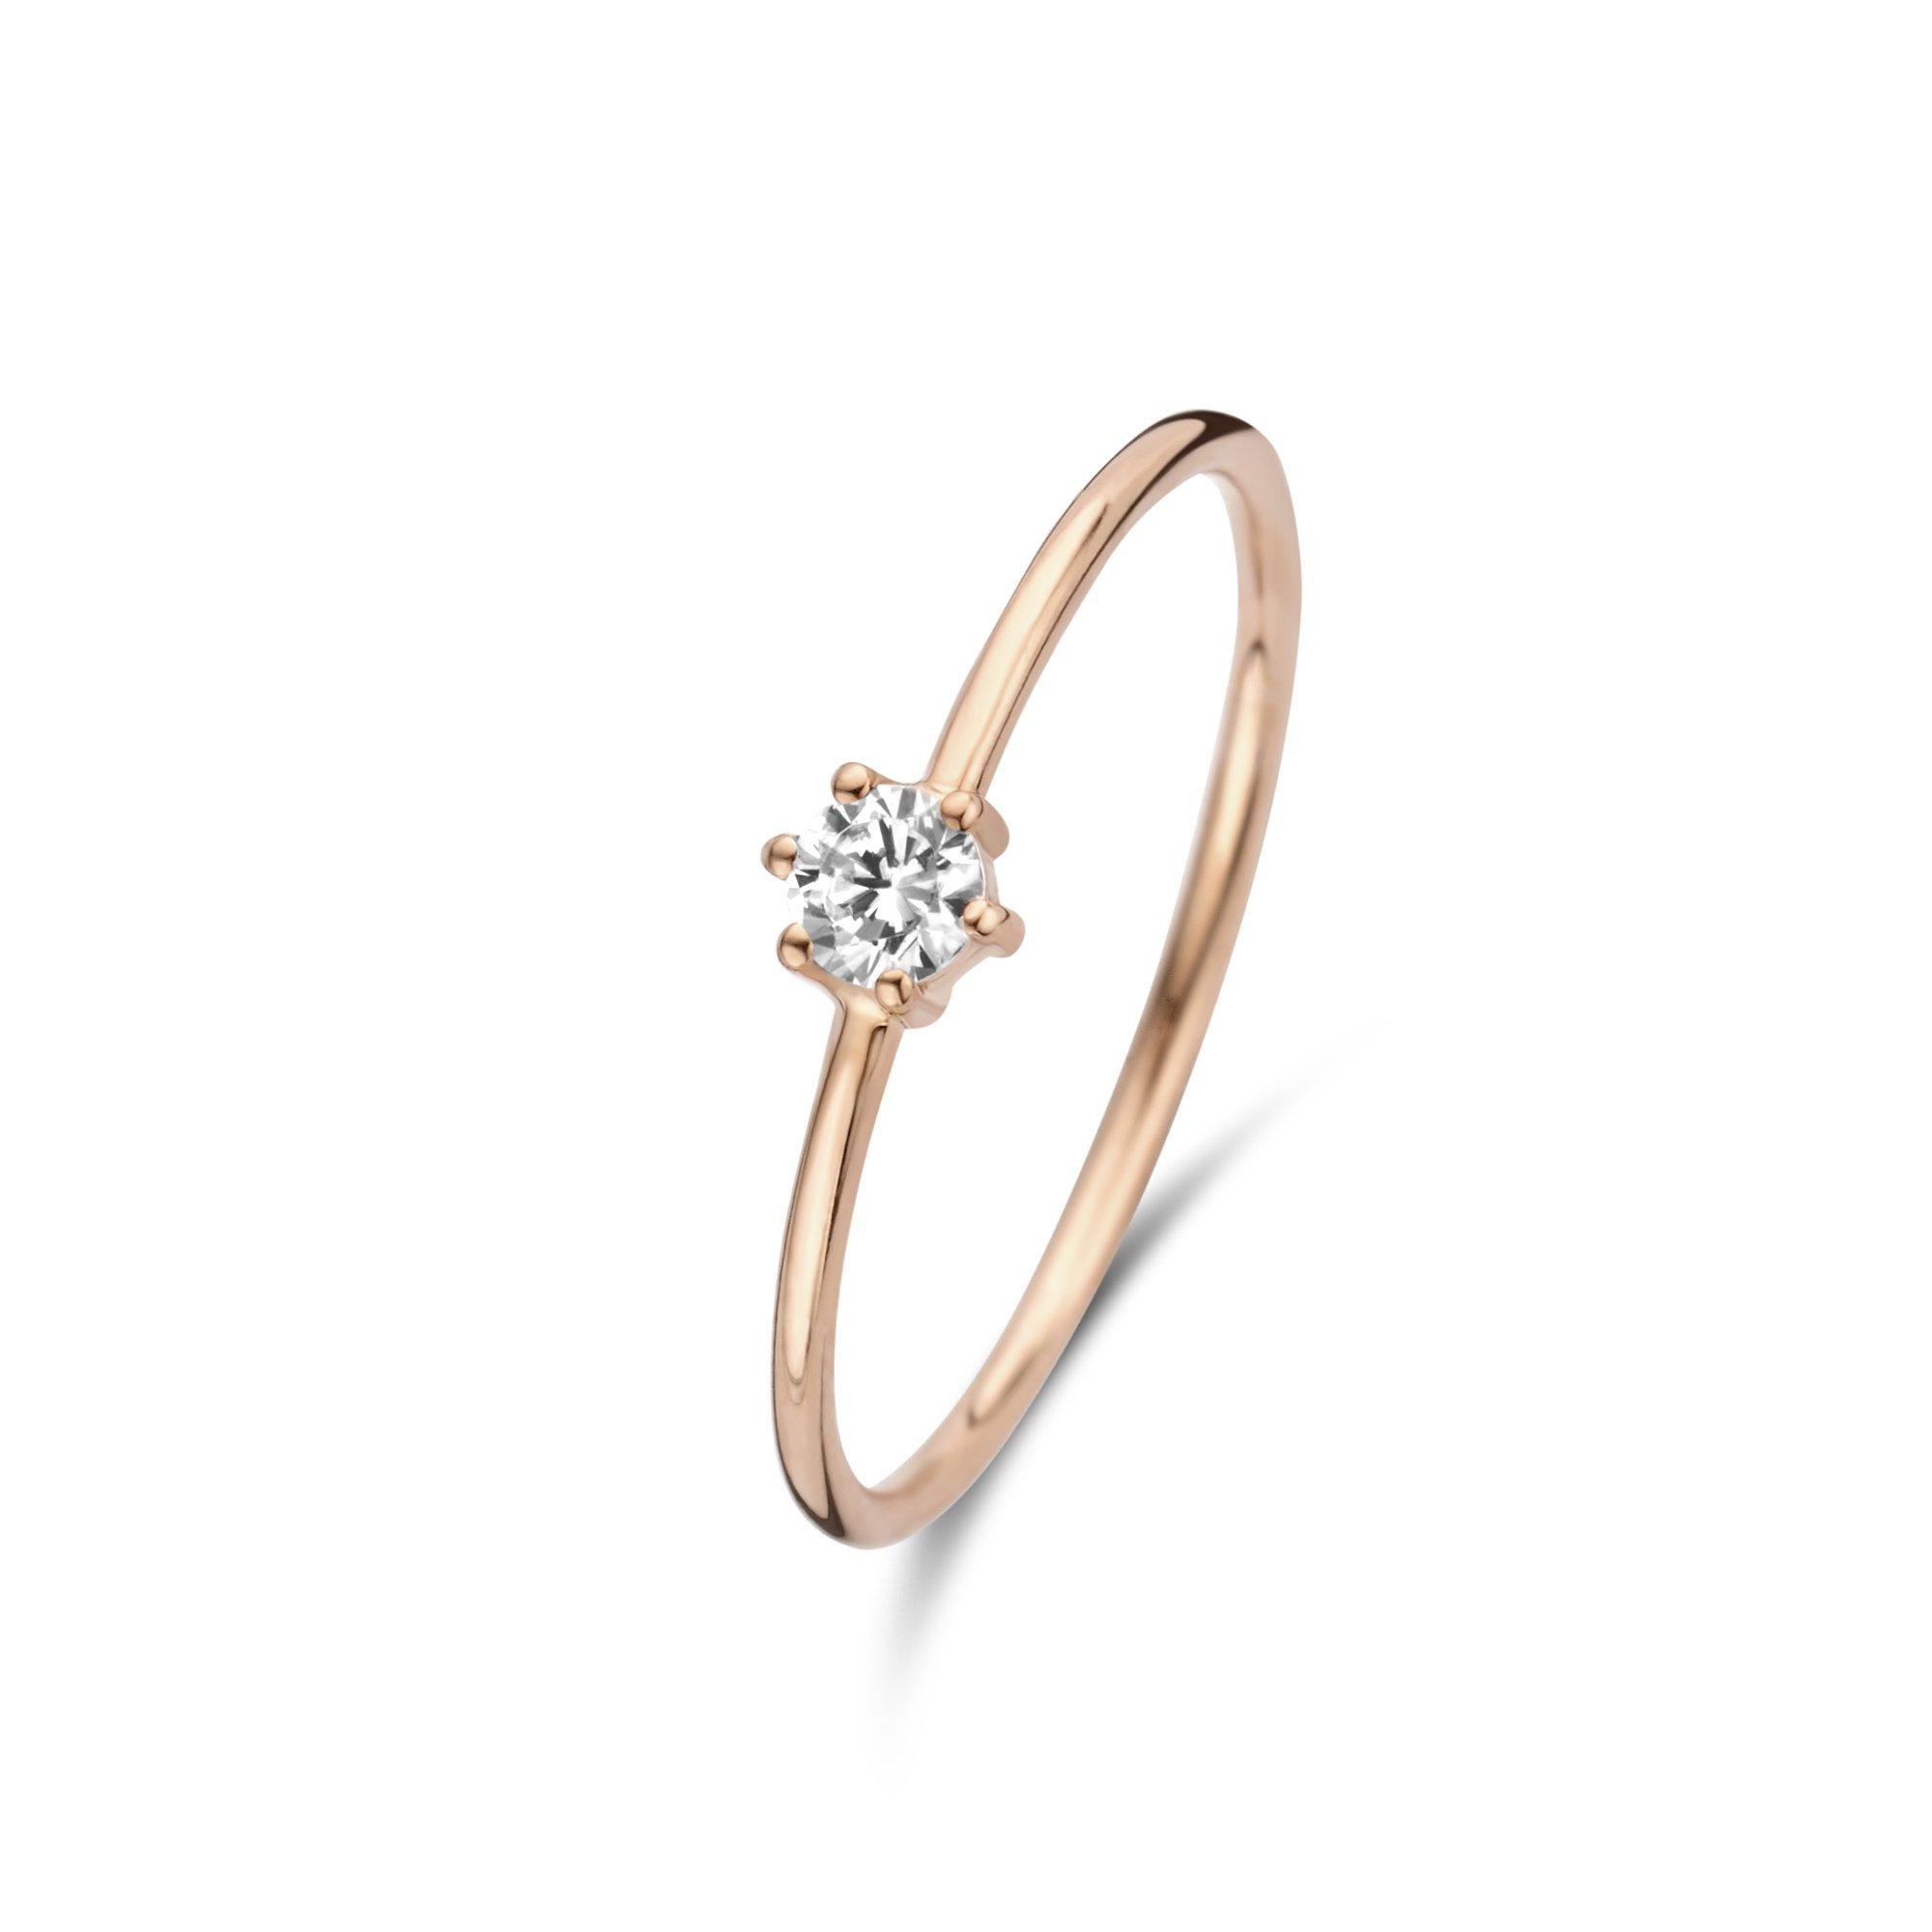 Isabel Bernard La Concorde Abelle 14 karaat rosé gouden ring met zirkonia